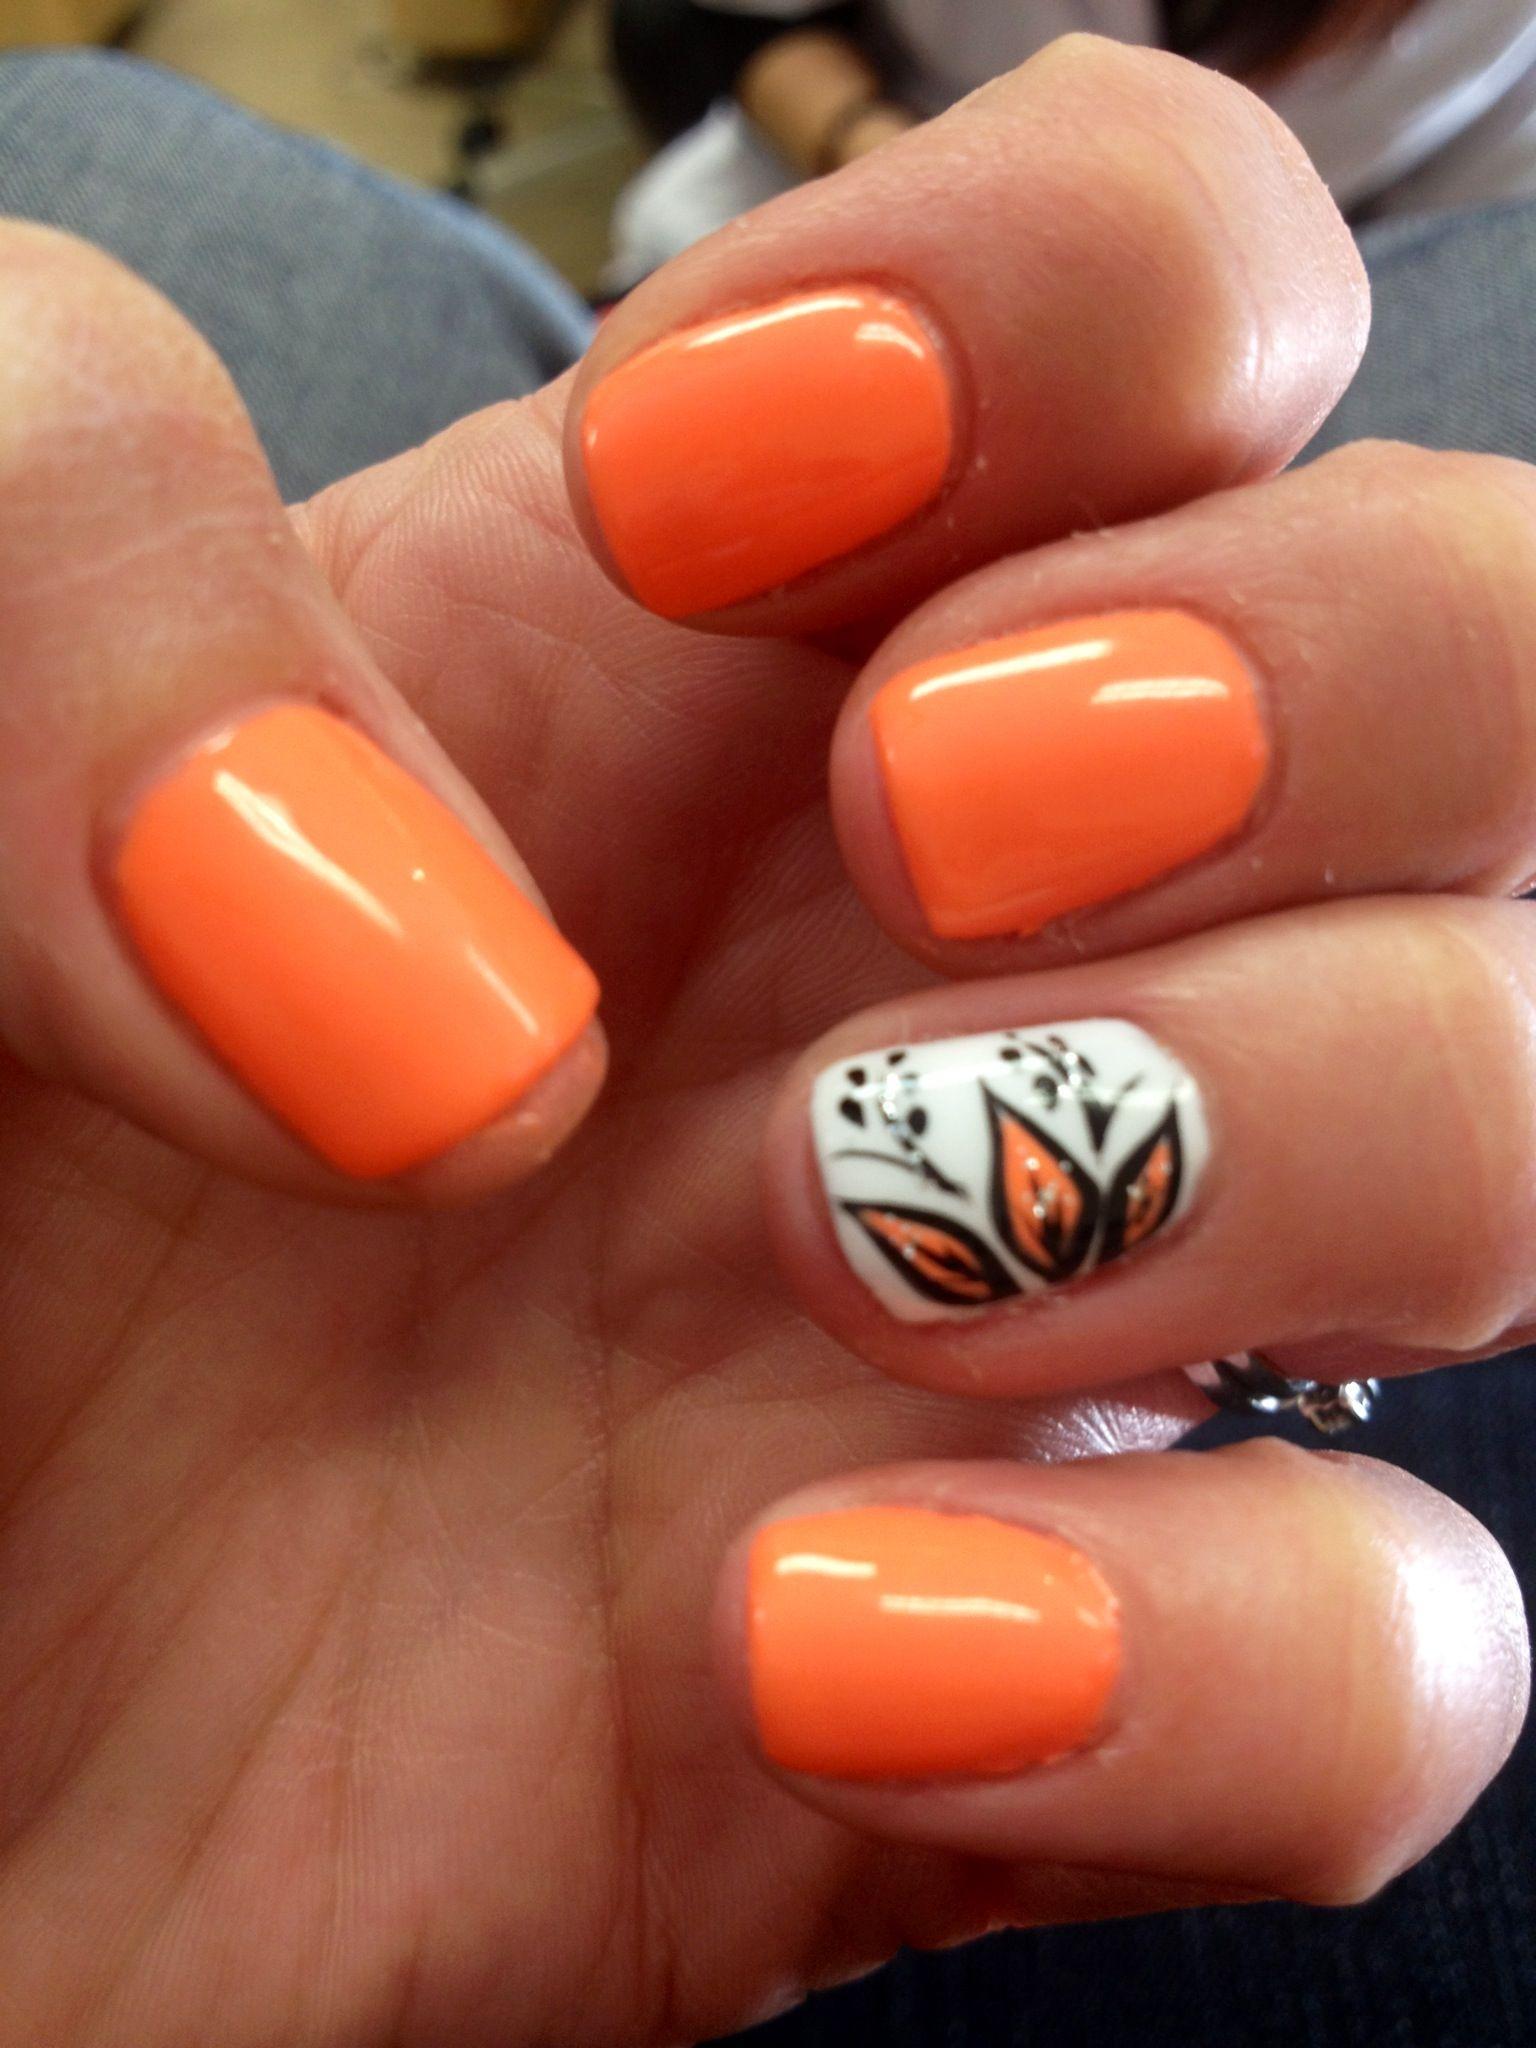 65 lovely summer nail art ideas nail nail makeup and pretty nails 65 lovely summer nail art ideas dhlflorist Image collections